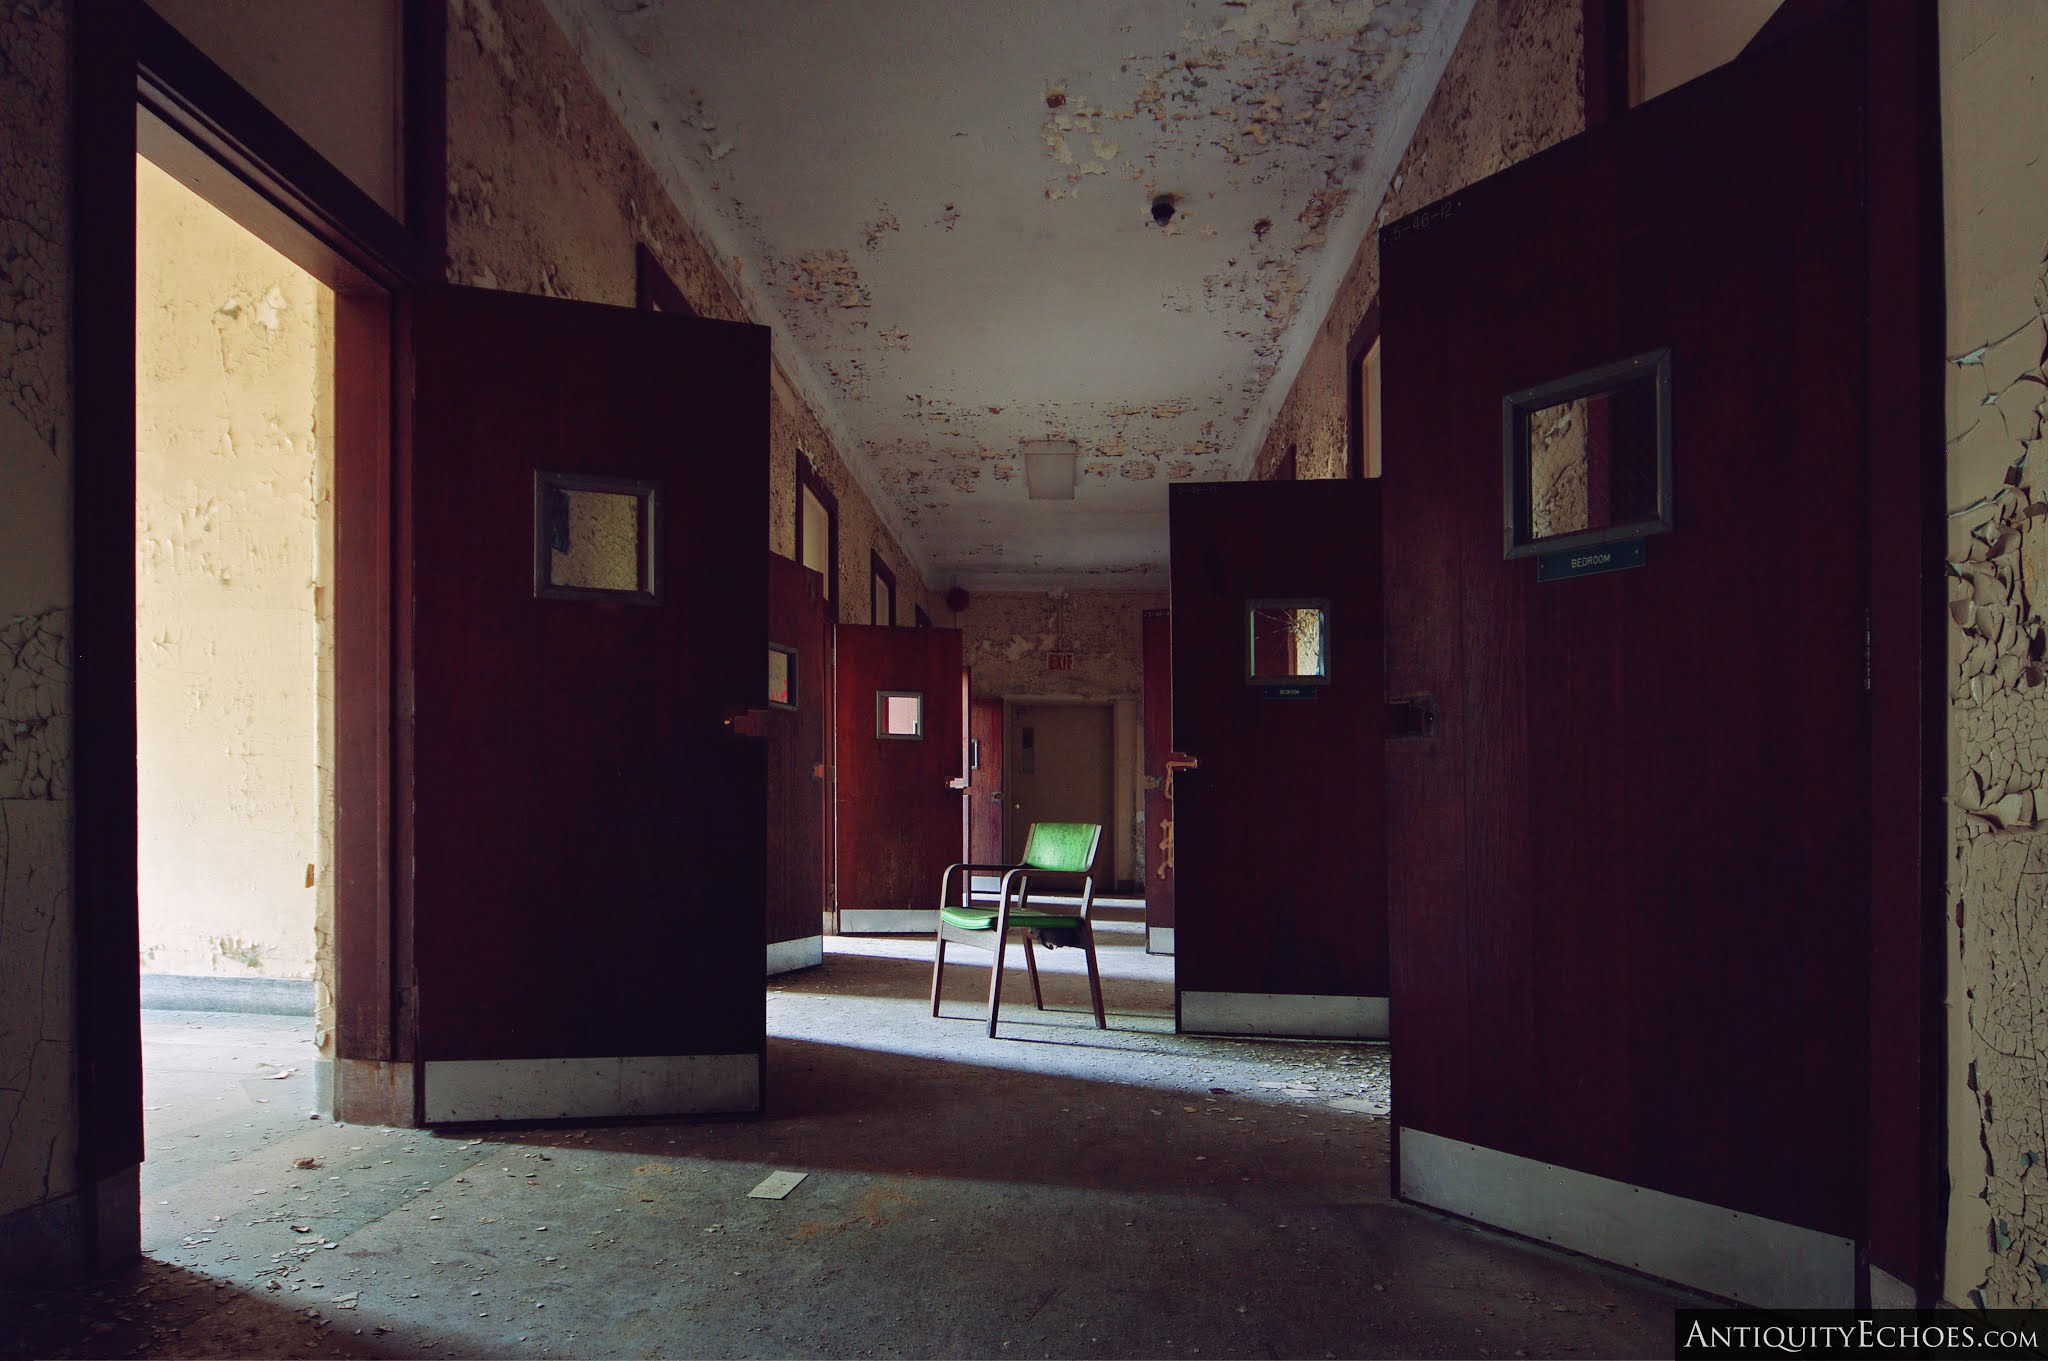 Overbrook Asylum - Corridor of Doors